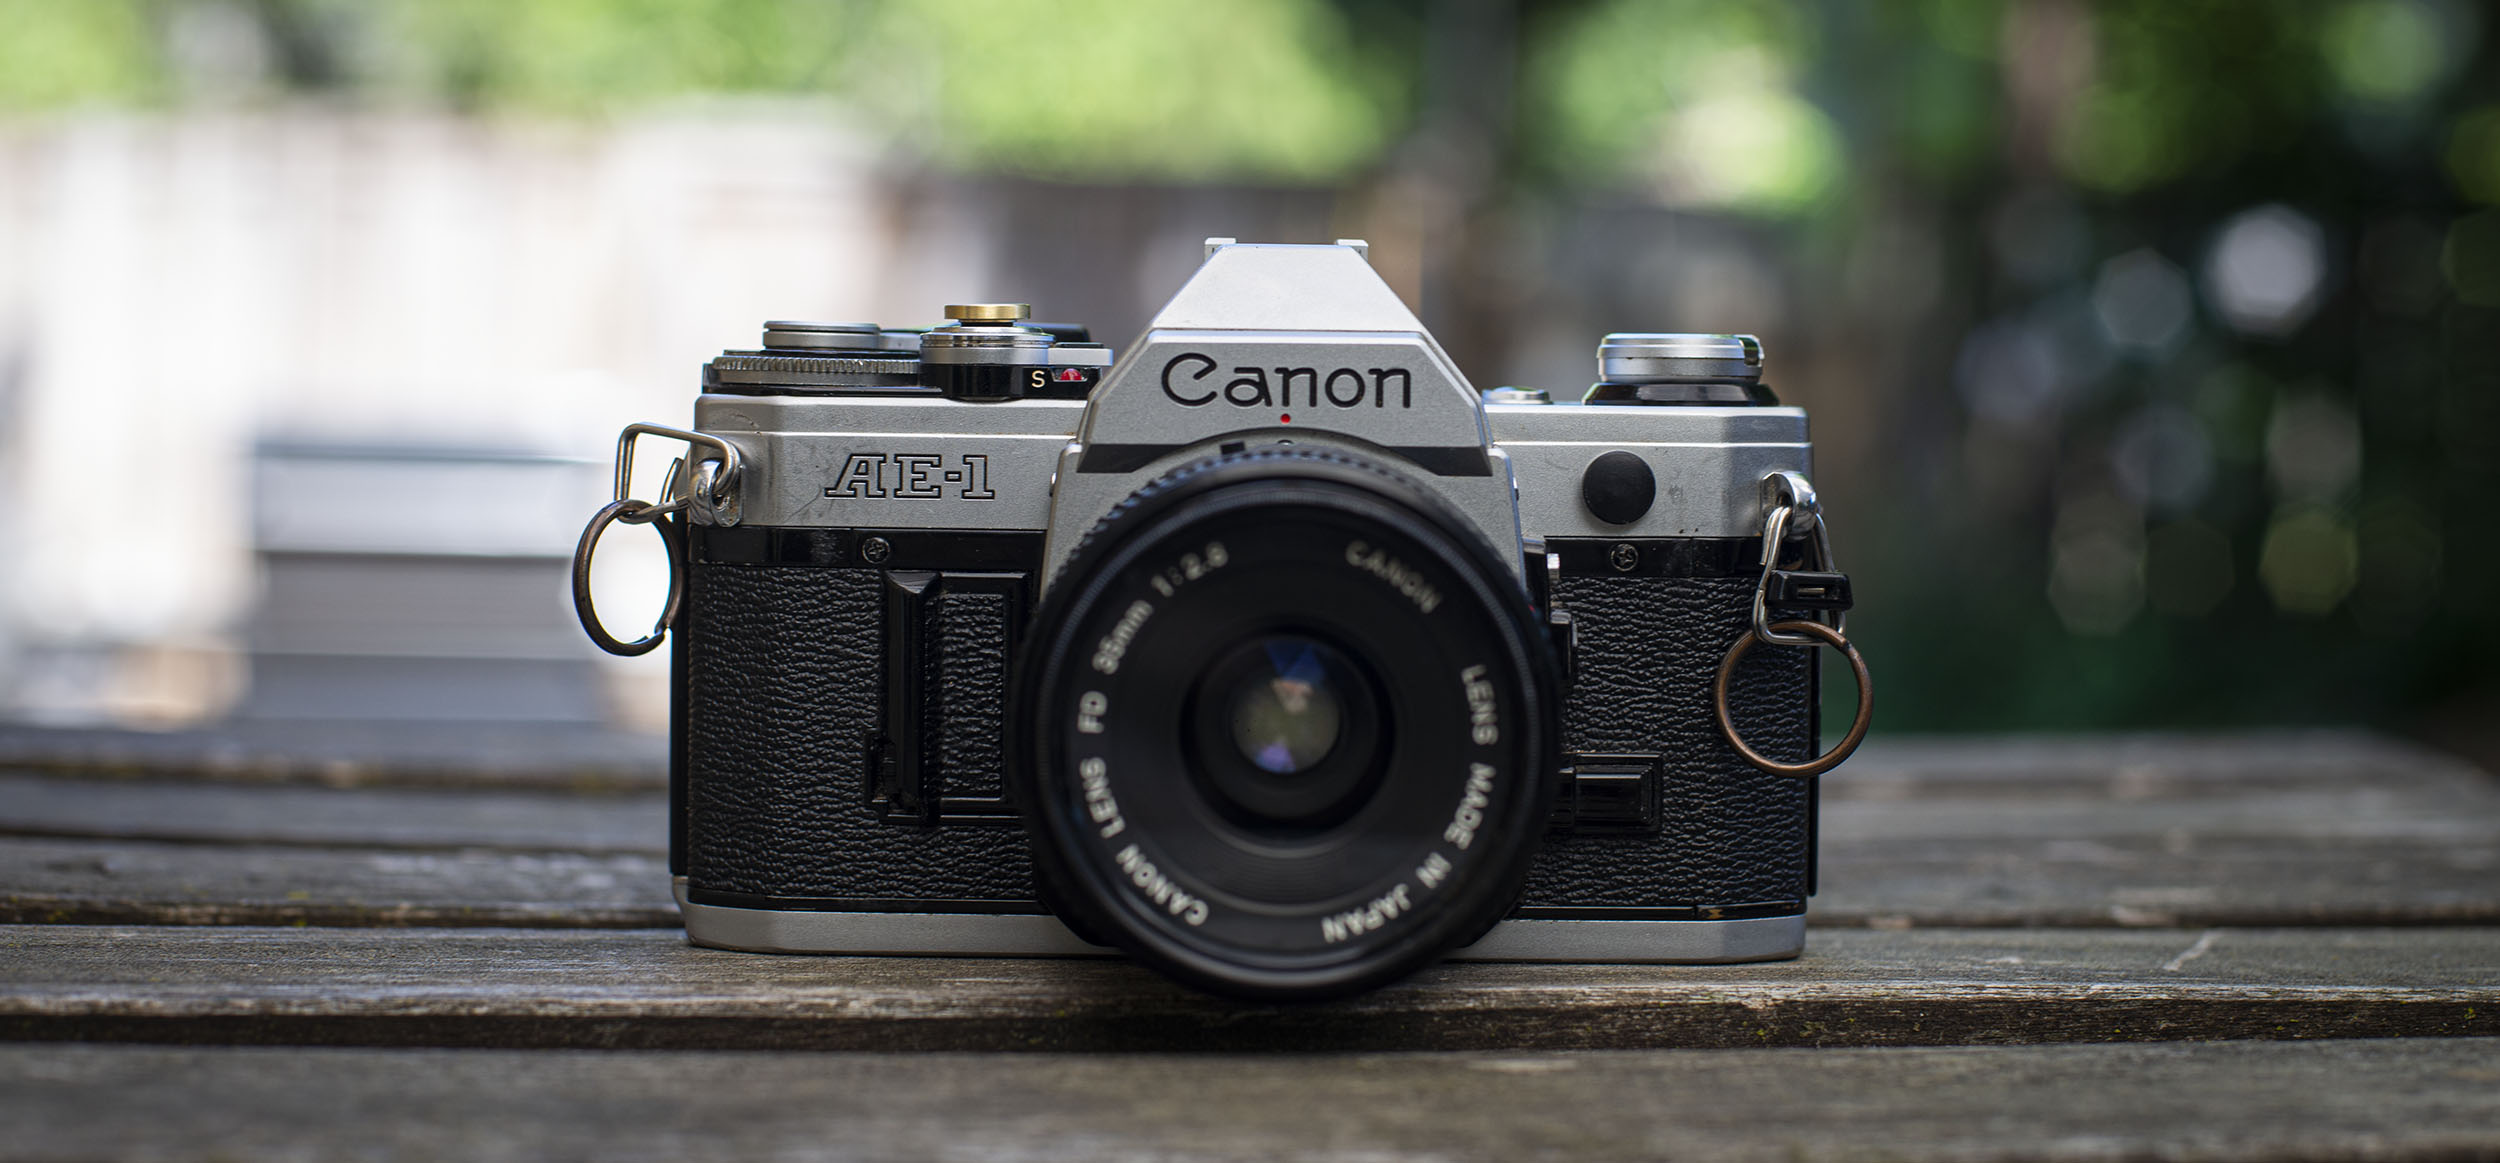 Canon AE-1 35mm film camera